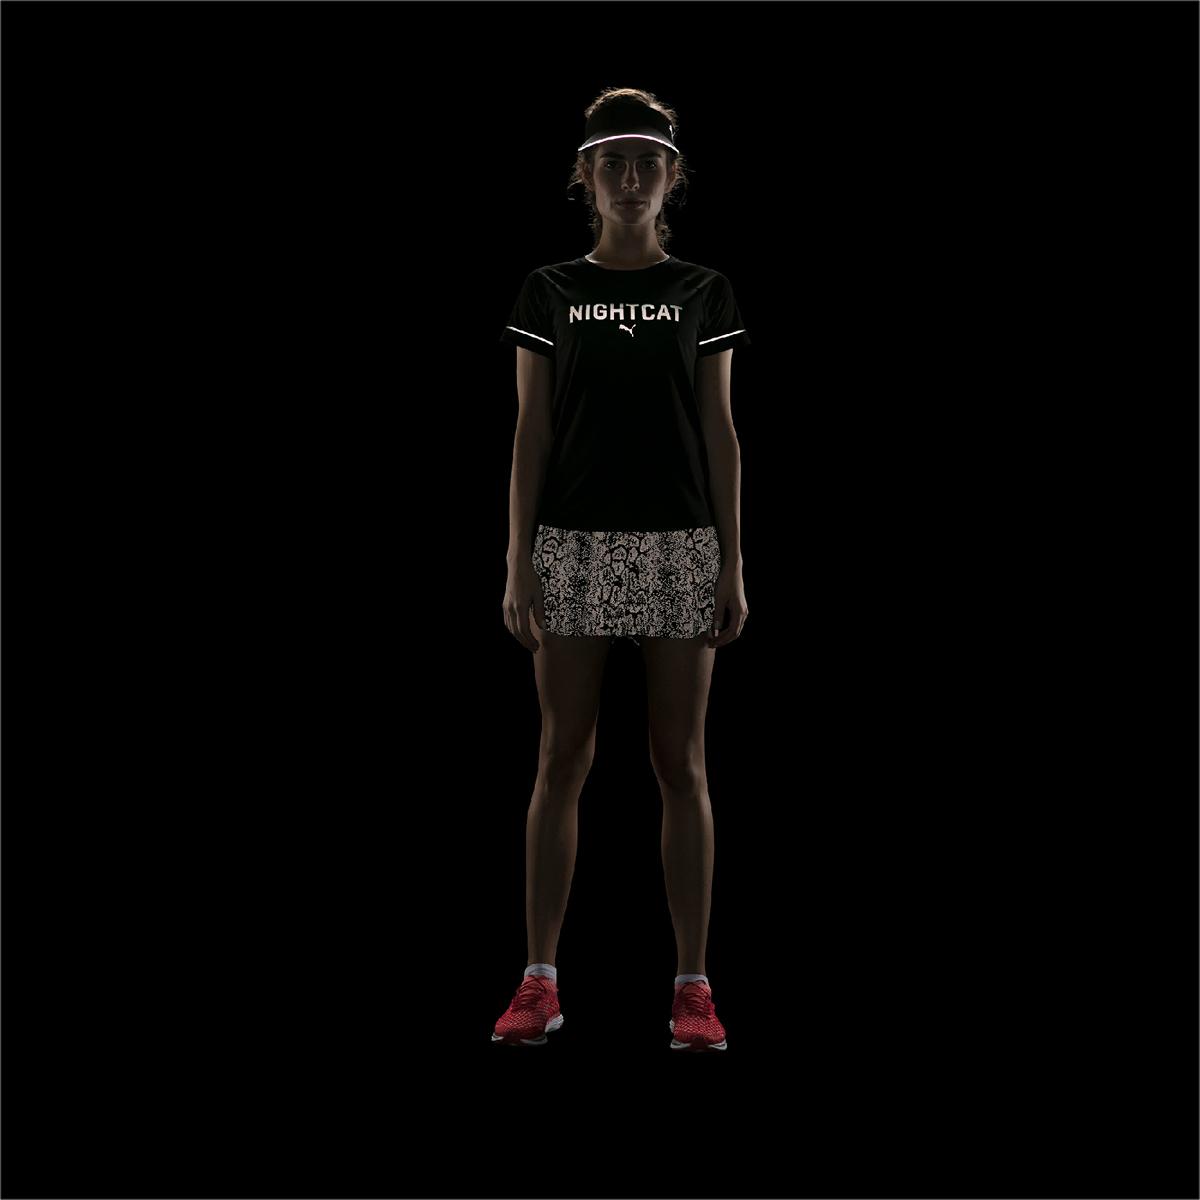 Футболка женская Puma изготовлена с использованием высоко функциональной технологии dryCELL, которая отводит влагу и гарантирует комфорт во время активных тренировок и занятий спортом. Рукава, полностью выполненные из сетчатого материала, обеспечивают отличную вентиляцию. Логотип и другие детали из светоотражающего материала, которые видны с любого ракурса, позаботятся о вашей безопасности в темное время суток. Рукава-реглан и детали кроя переда способствуют полной свободе движений. Плоские швы не натирают кожу и обеспечивают полный комфорт.